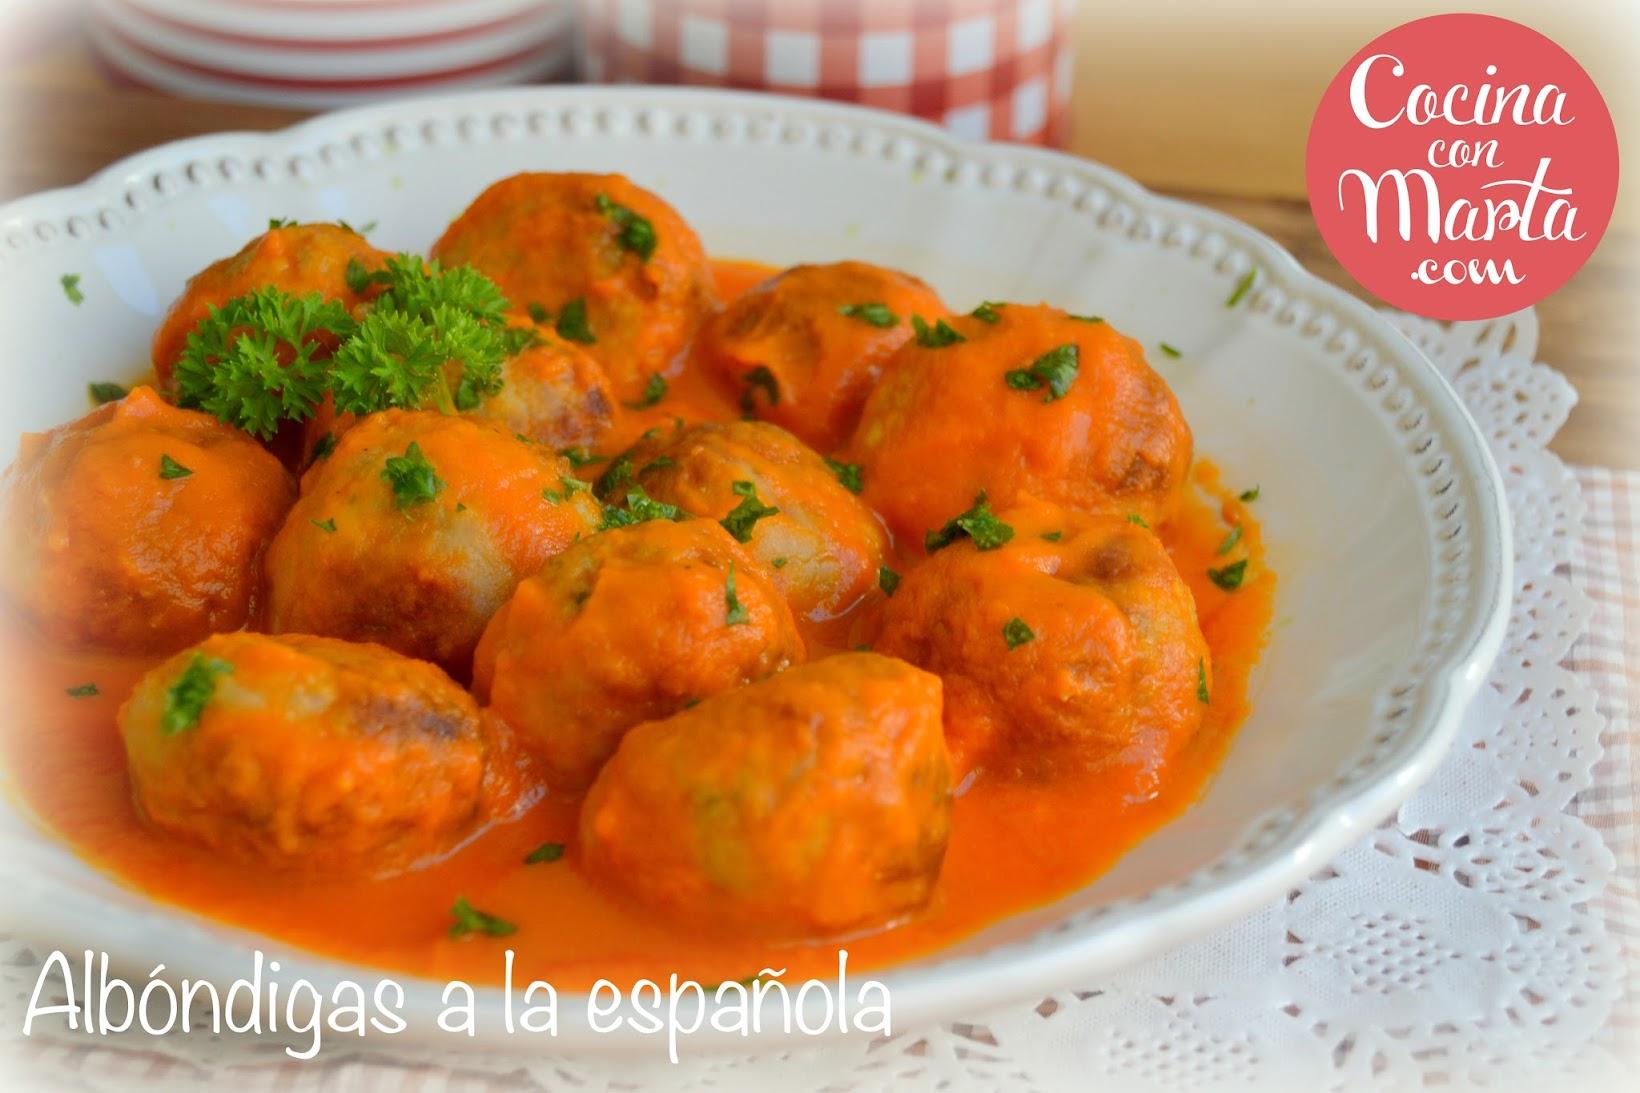 Receta casera albóndigas en salsa española, olla gm, cocina con marta, fácil, rápido, ligeras, comprar olla gm